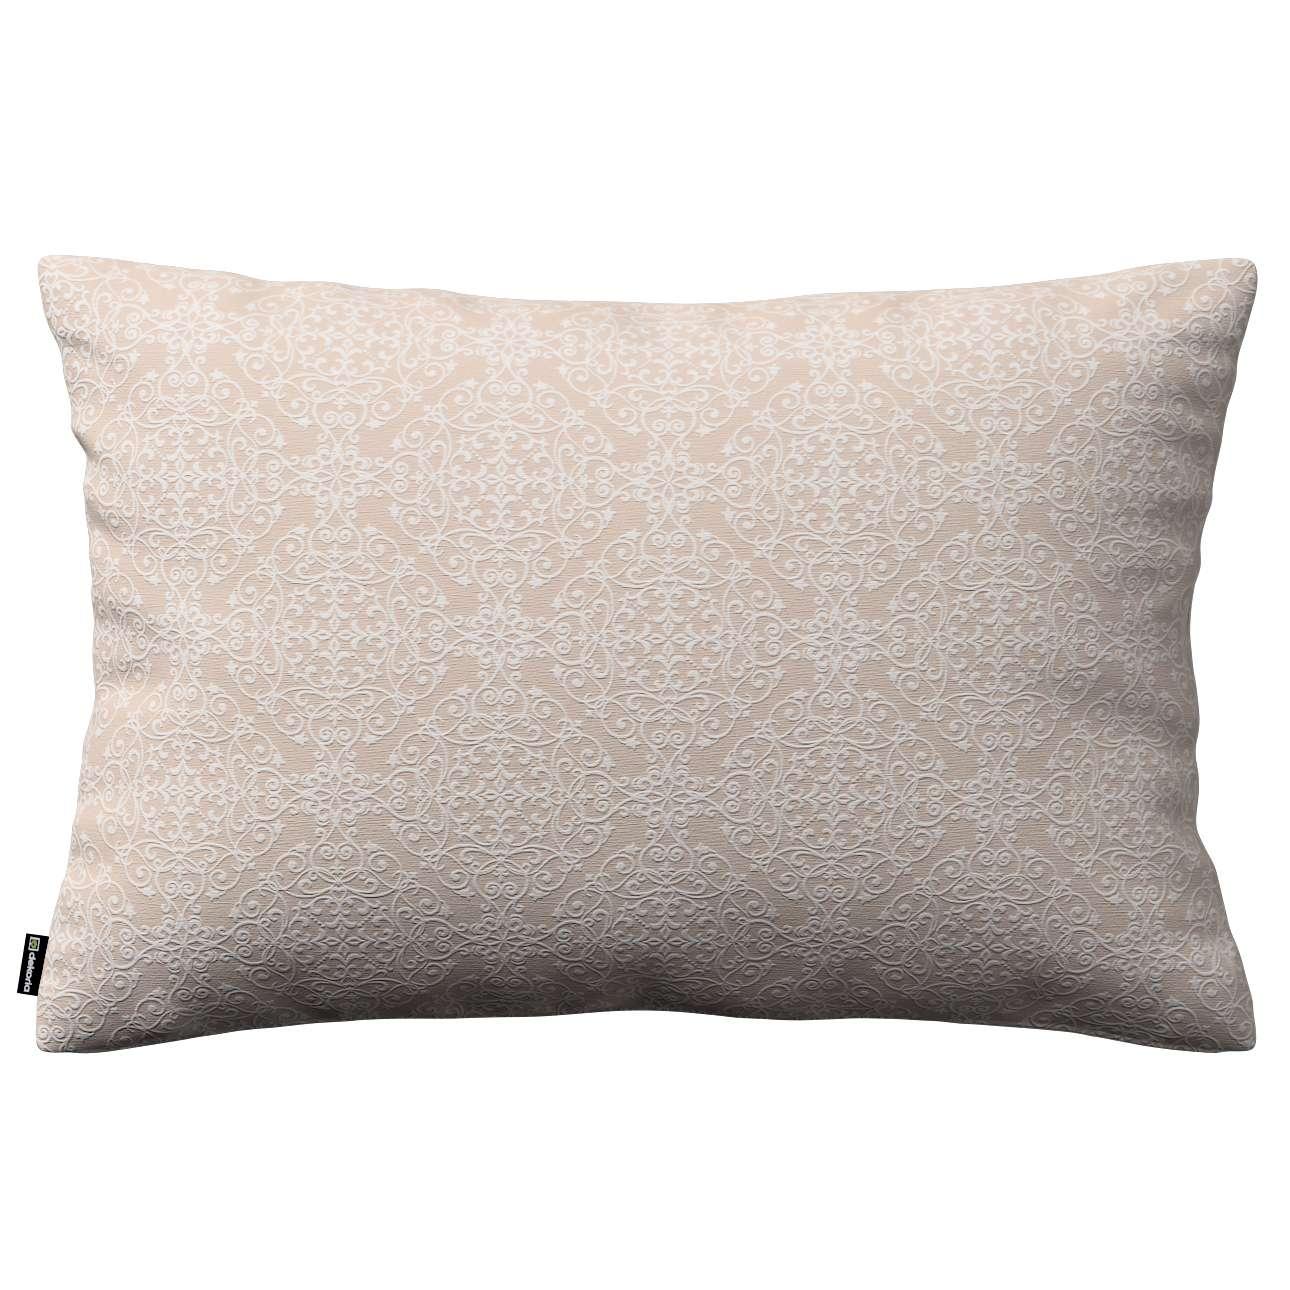 Poszewka Kinga na poduszkę prostokątną 60 x 40 cm w kolekcji Flowers, tkanina: 140-39